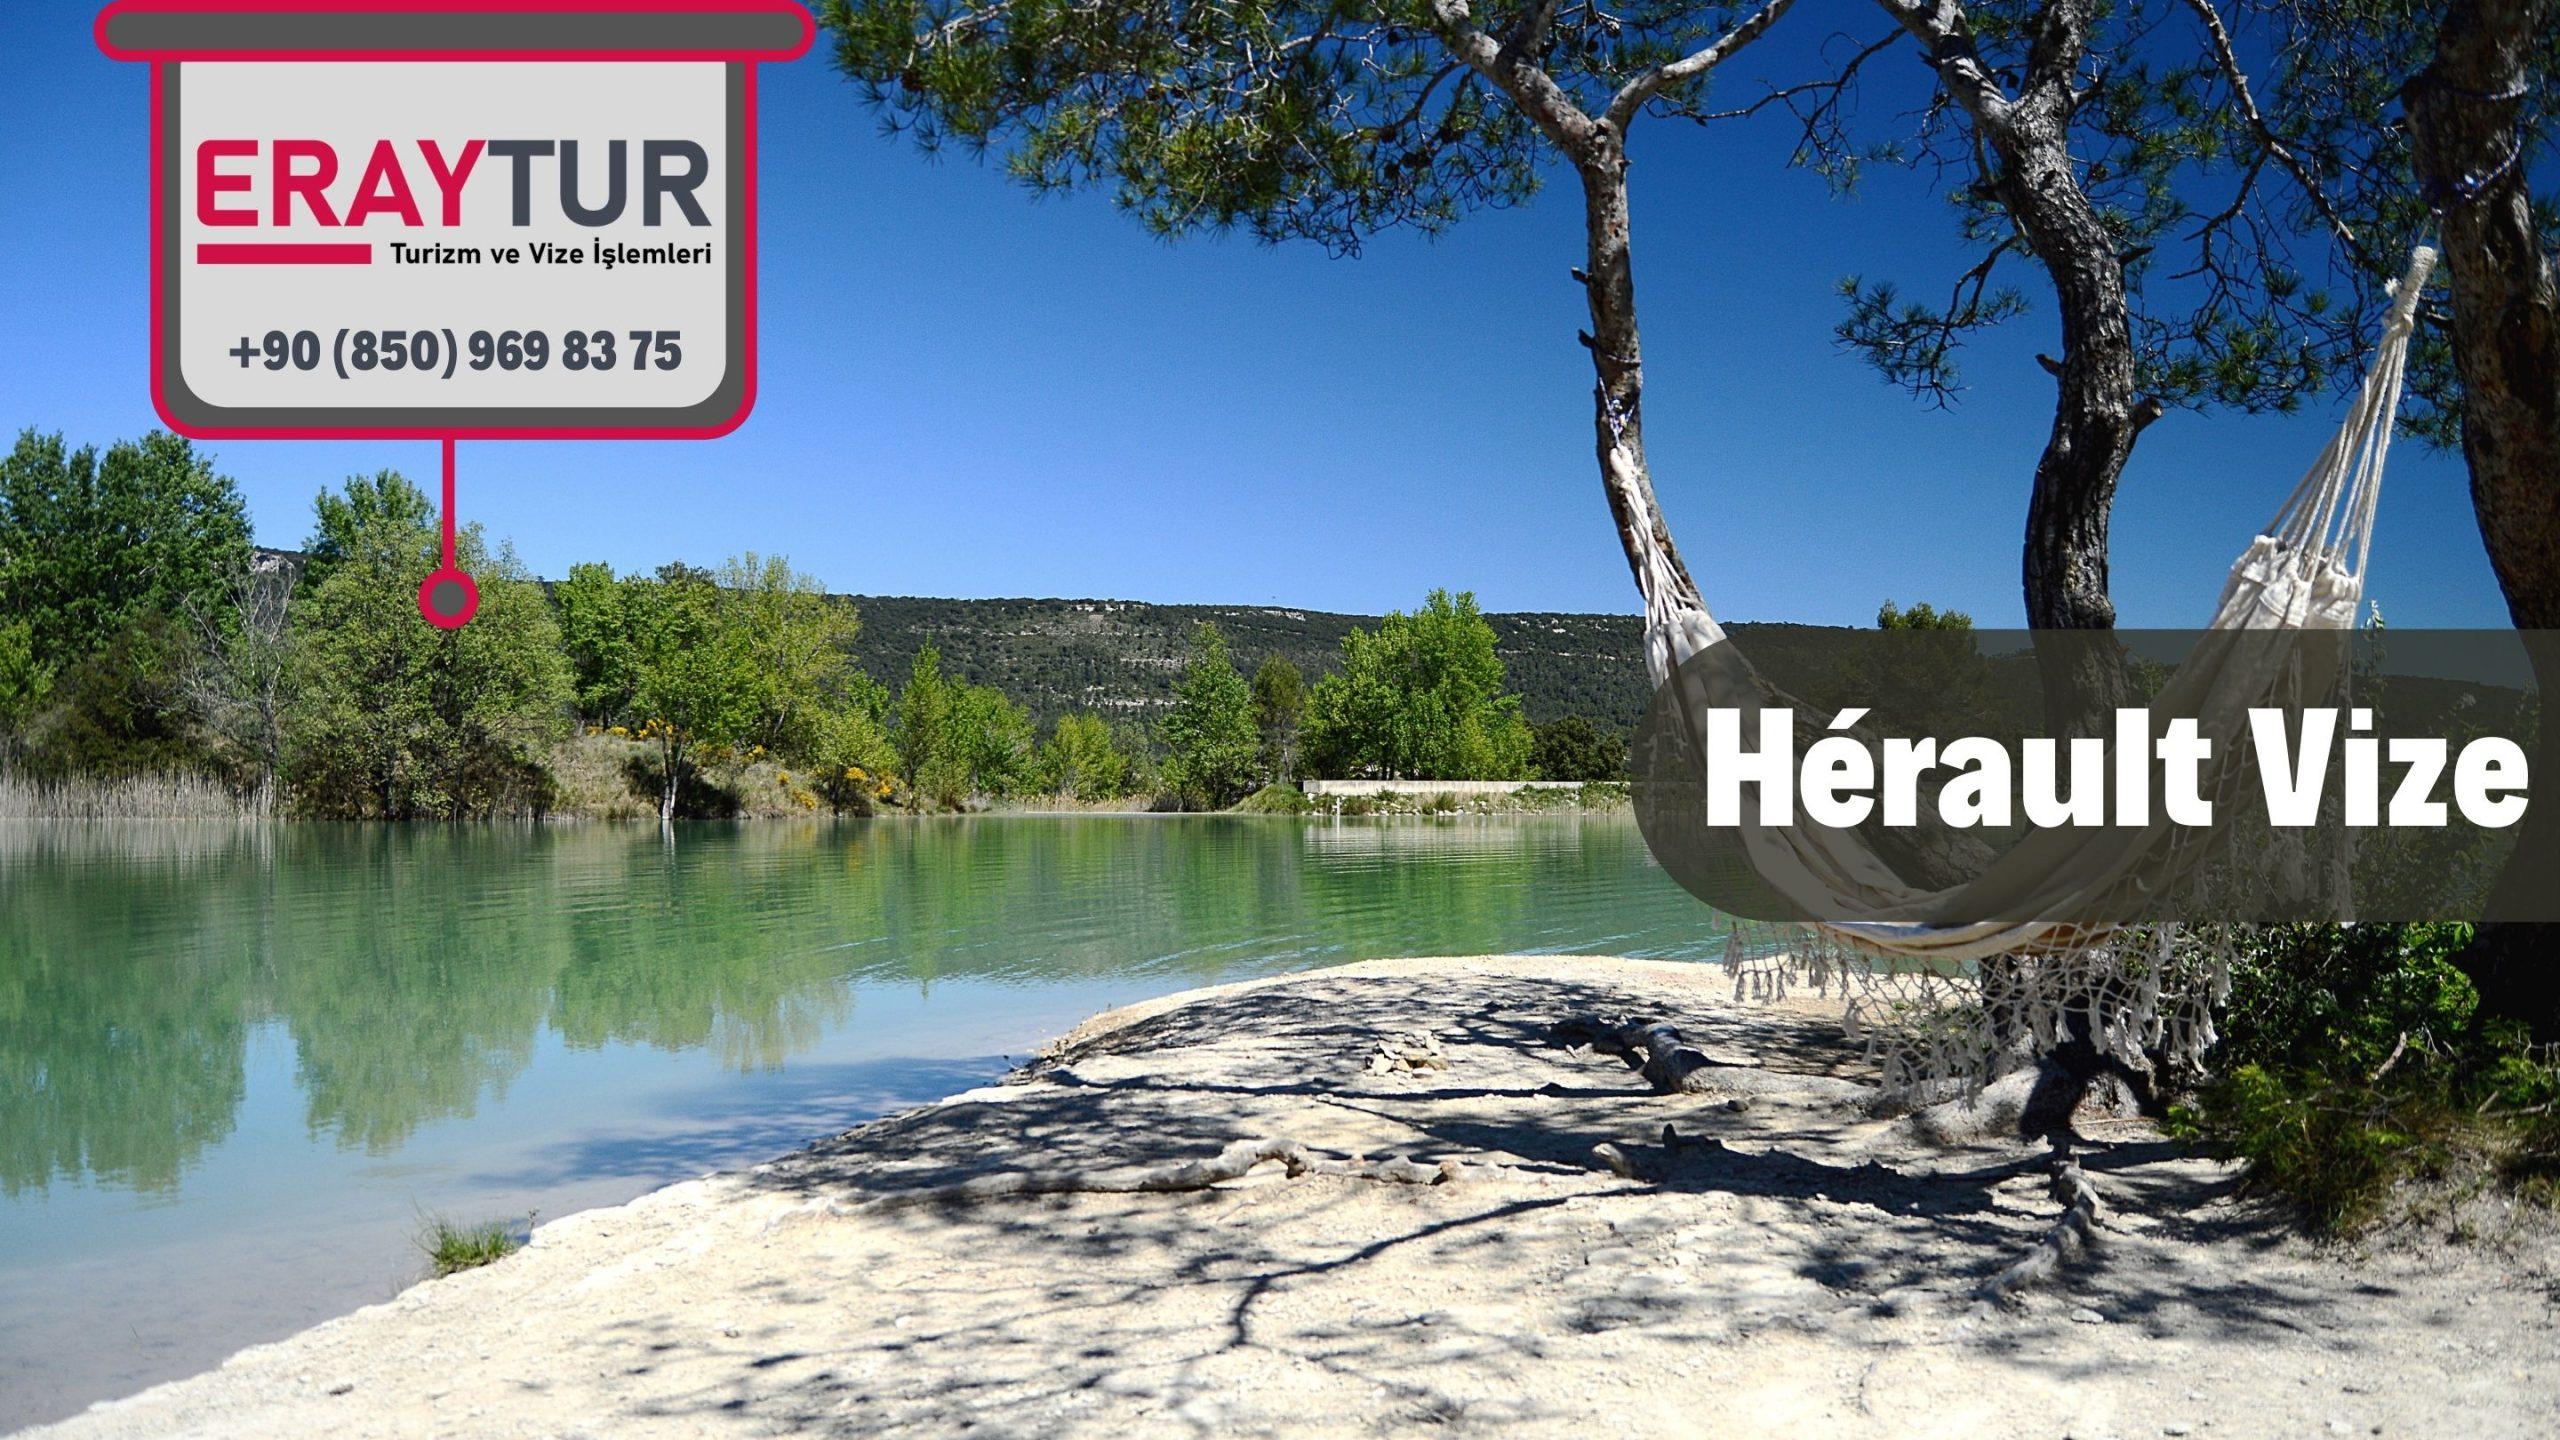 Fransa Hérault Vize Başvurusu